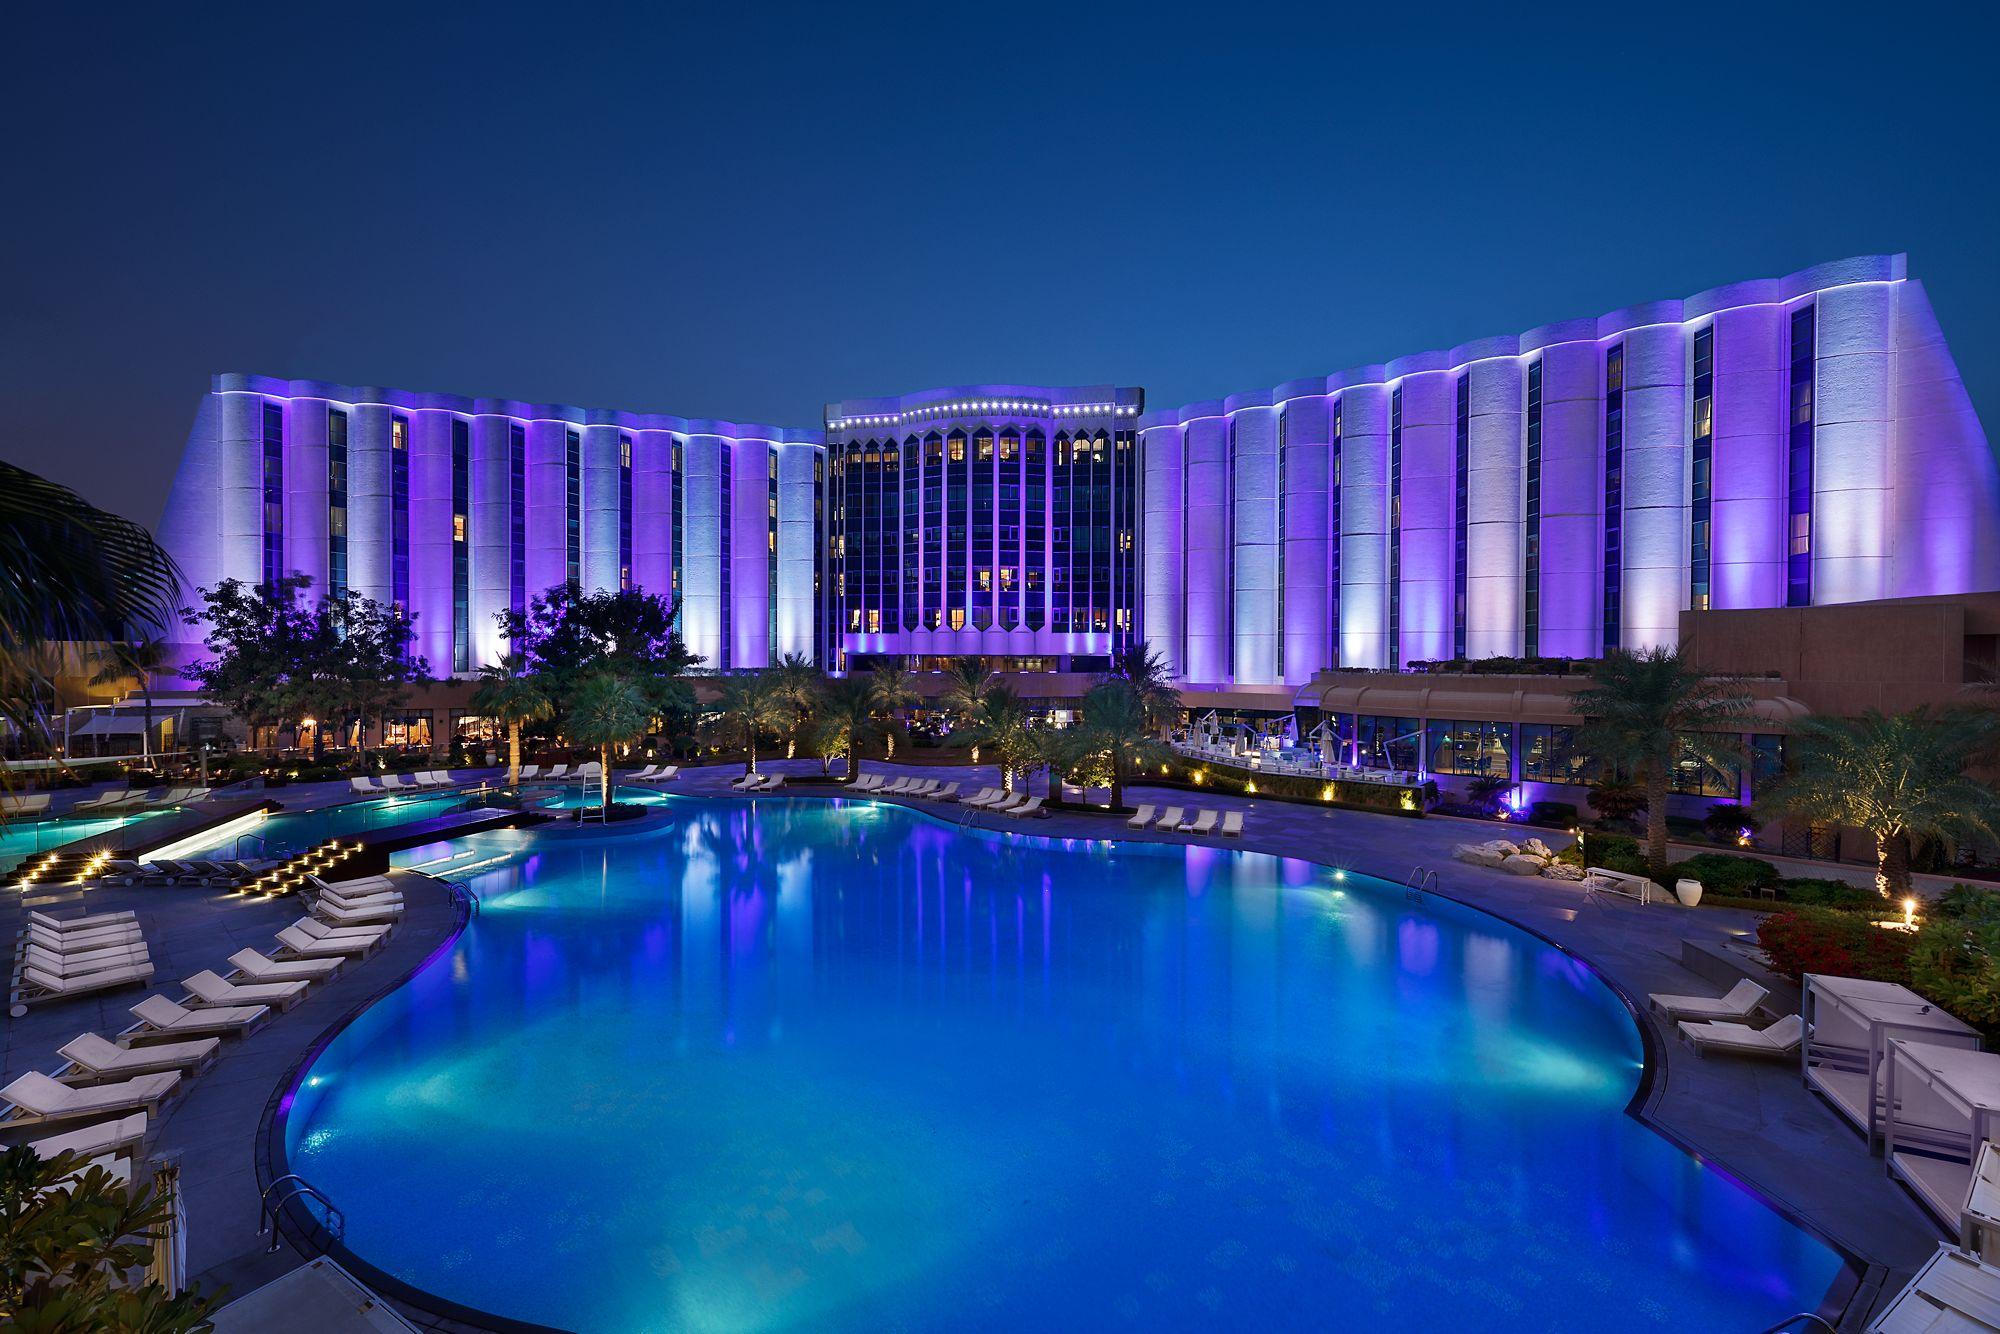 Bahrain Events - Upcoming Events in Bahrain | The Ritz-Carlton, Bahrain